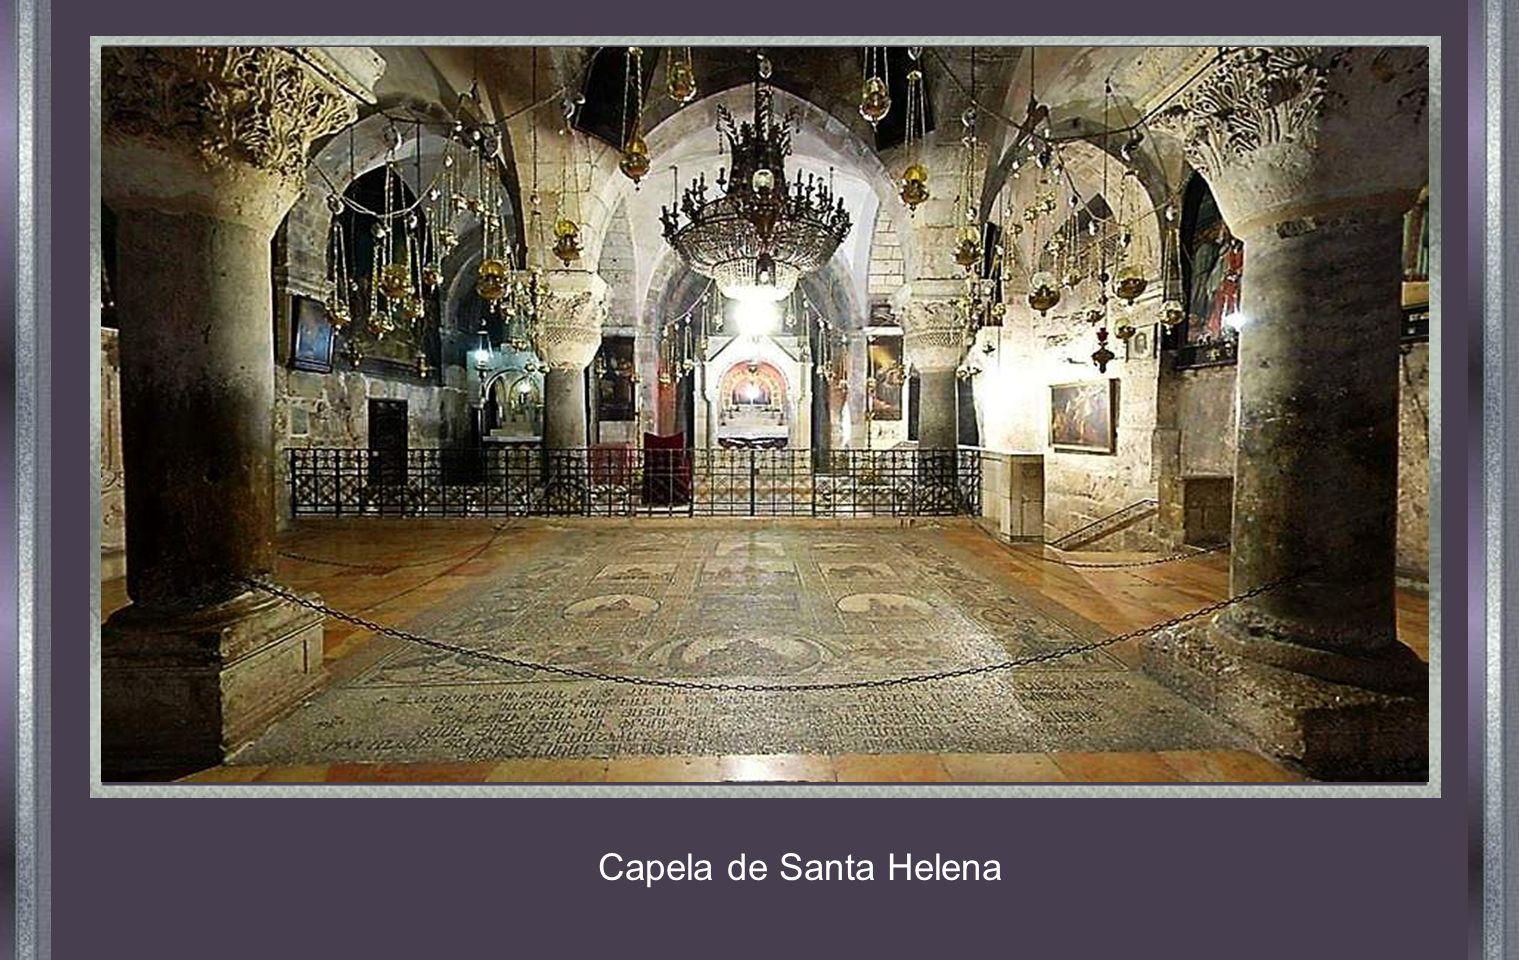 JERUSALÉM Igreja do Santo Sepulcro, a mais venerada do Cristianismo.